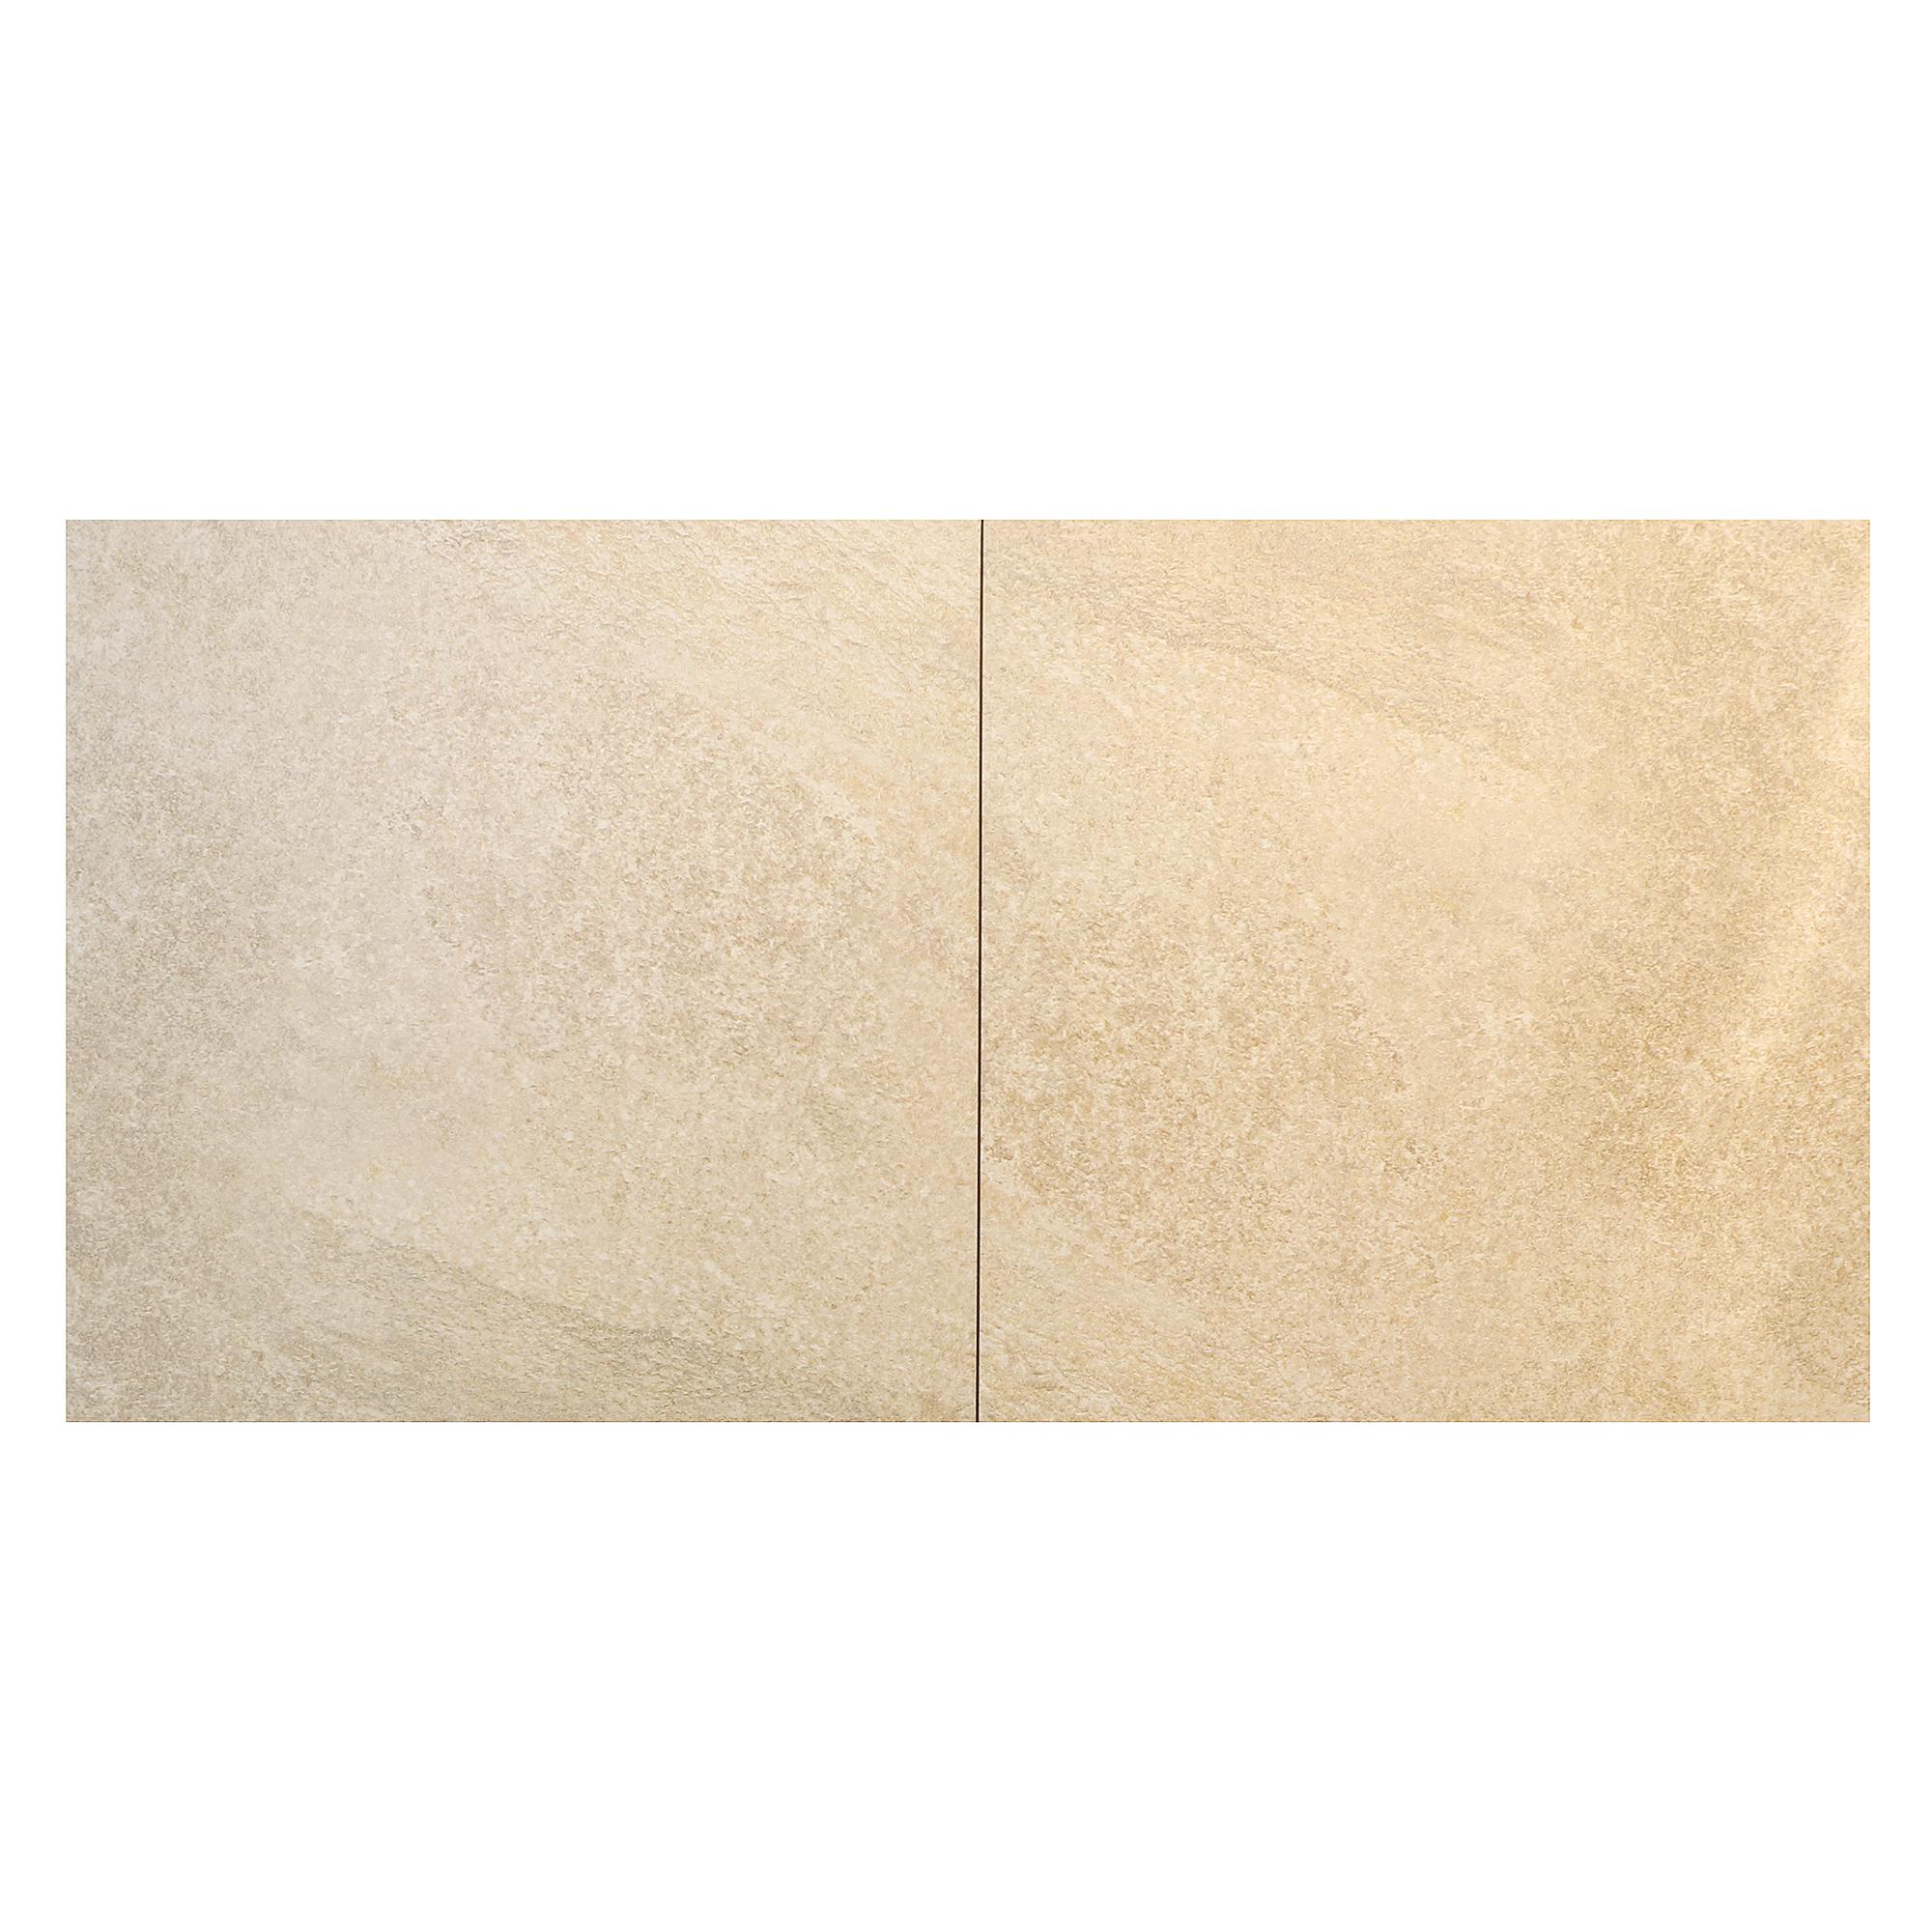 Фото - Плитка напольная Cristacer kings beige 45х45 плитка напольная cristacer muse gris 45х45